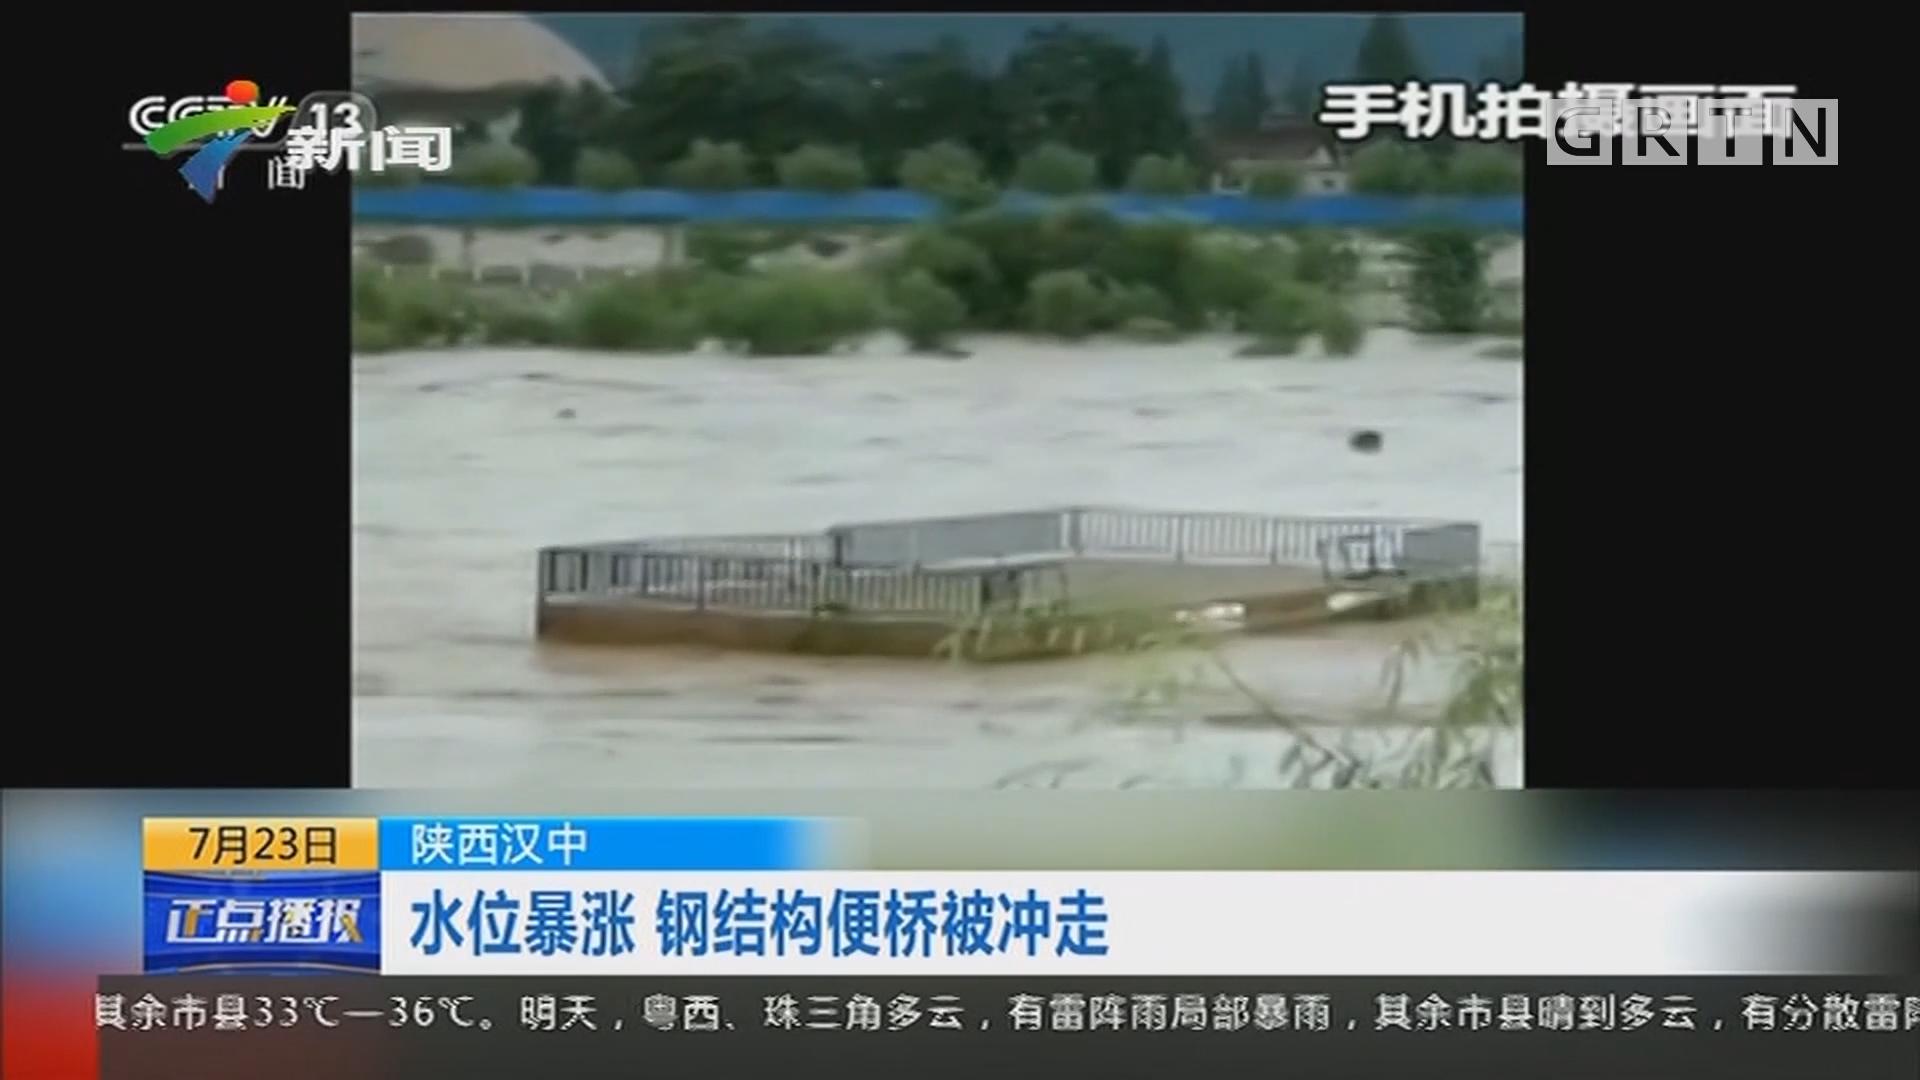 陕西汉中:水位暴涨 钢结构便桥被冲走